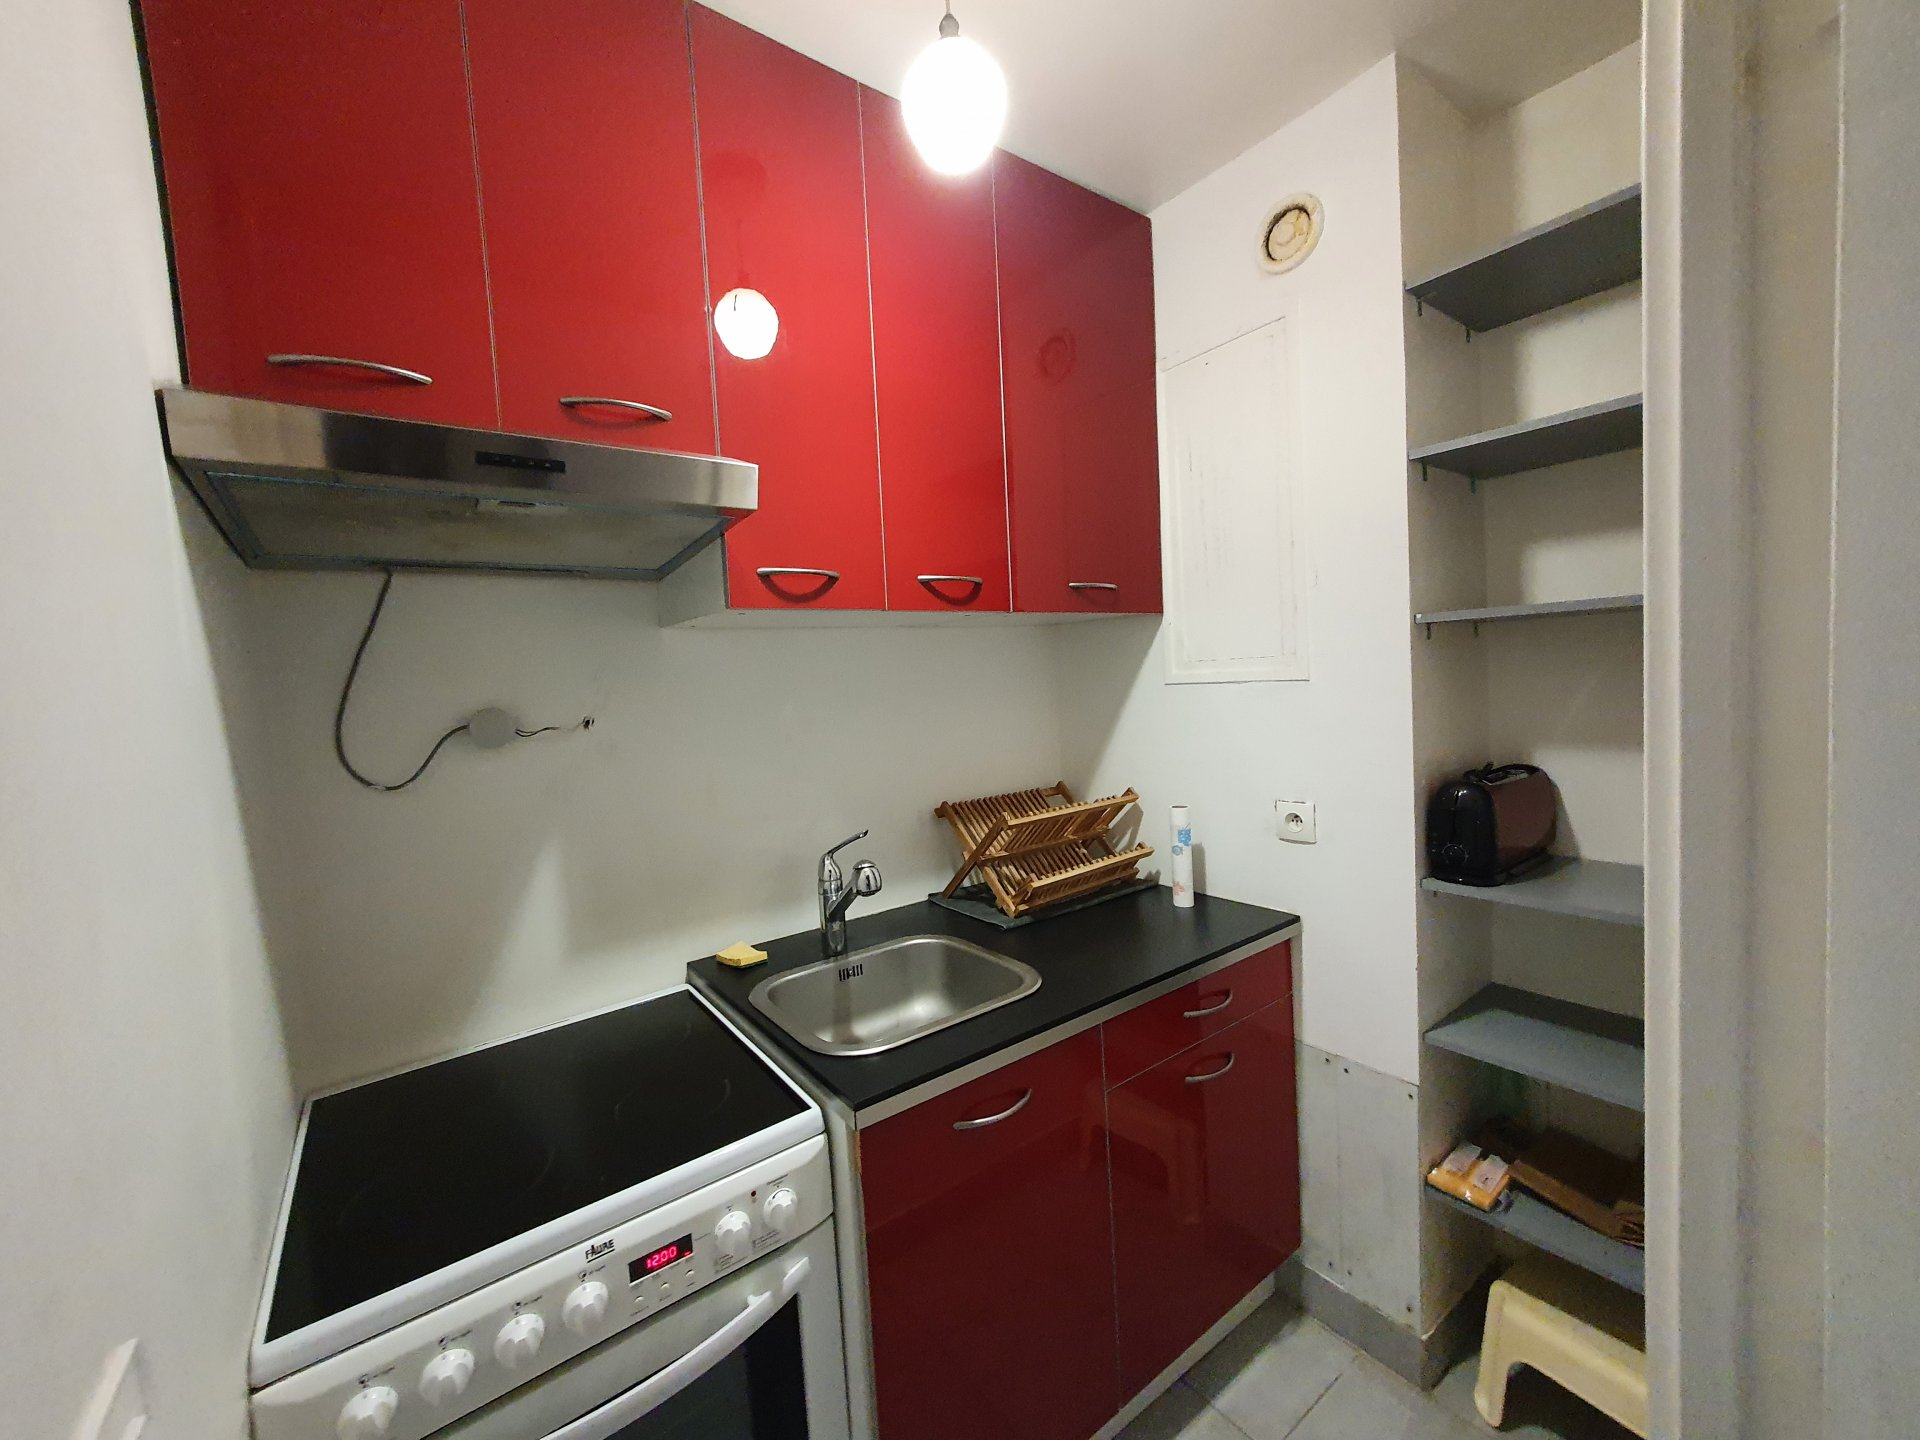 Sale Apartment - Paris 15th (Paris 15ème)